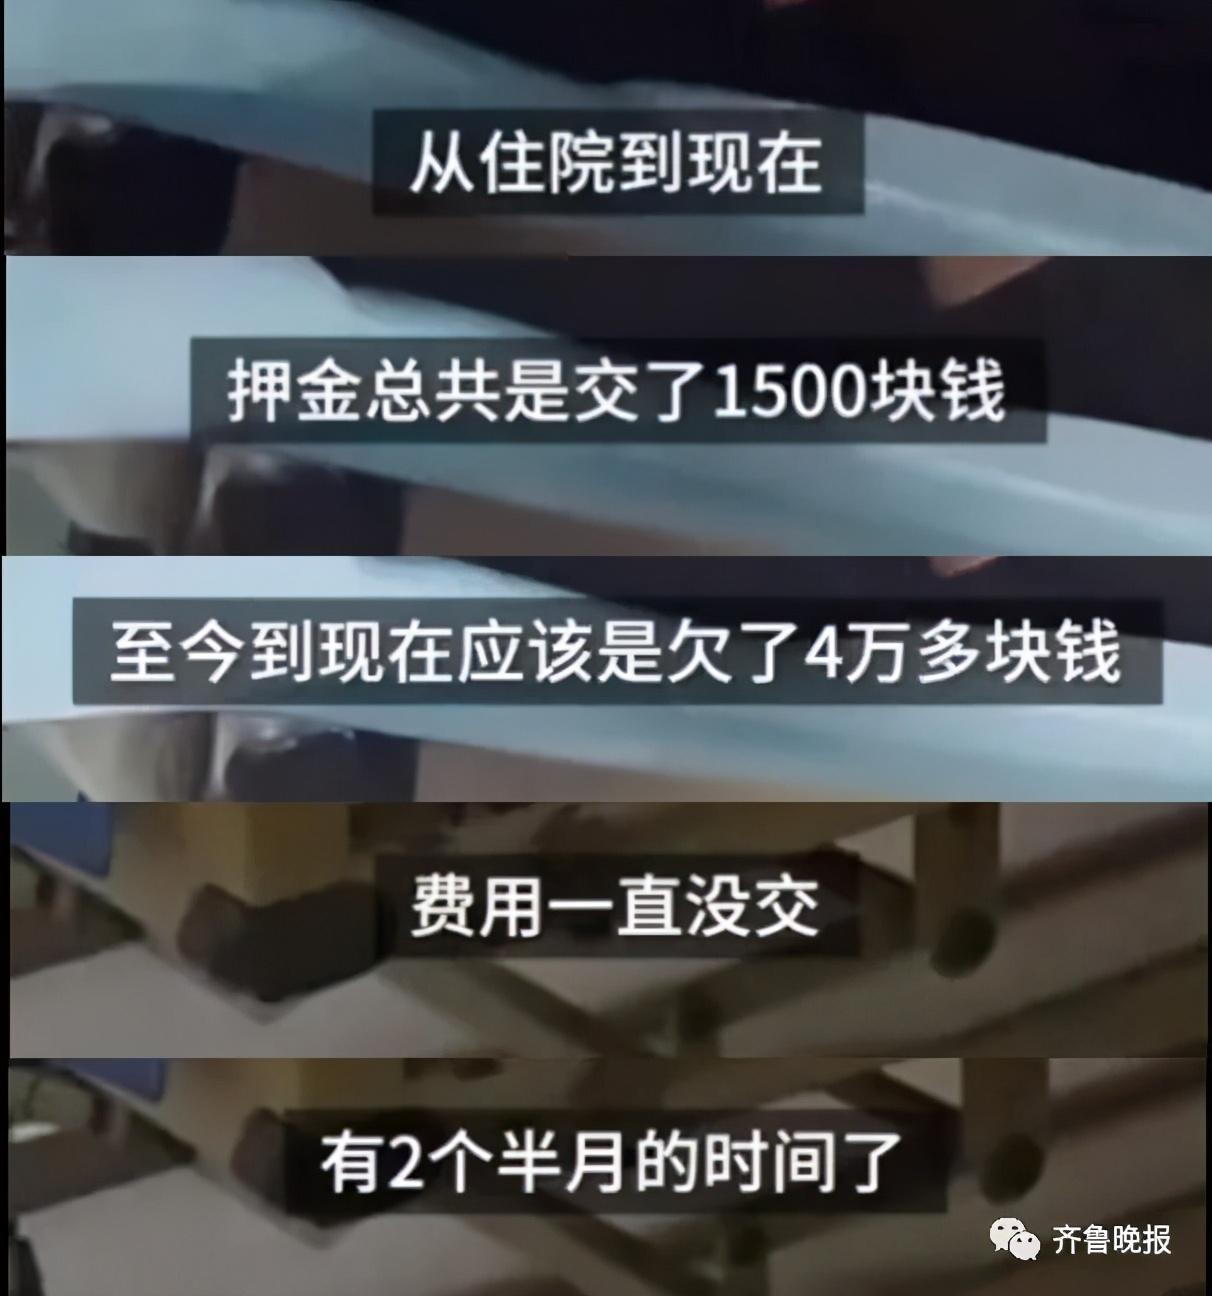 济南一男子砍断手指,治疗后欠医院4万赖着不走:每月还50,分期付款行不?